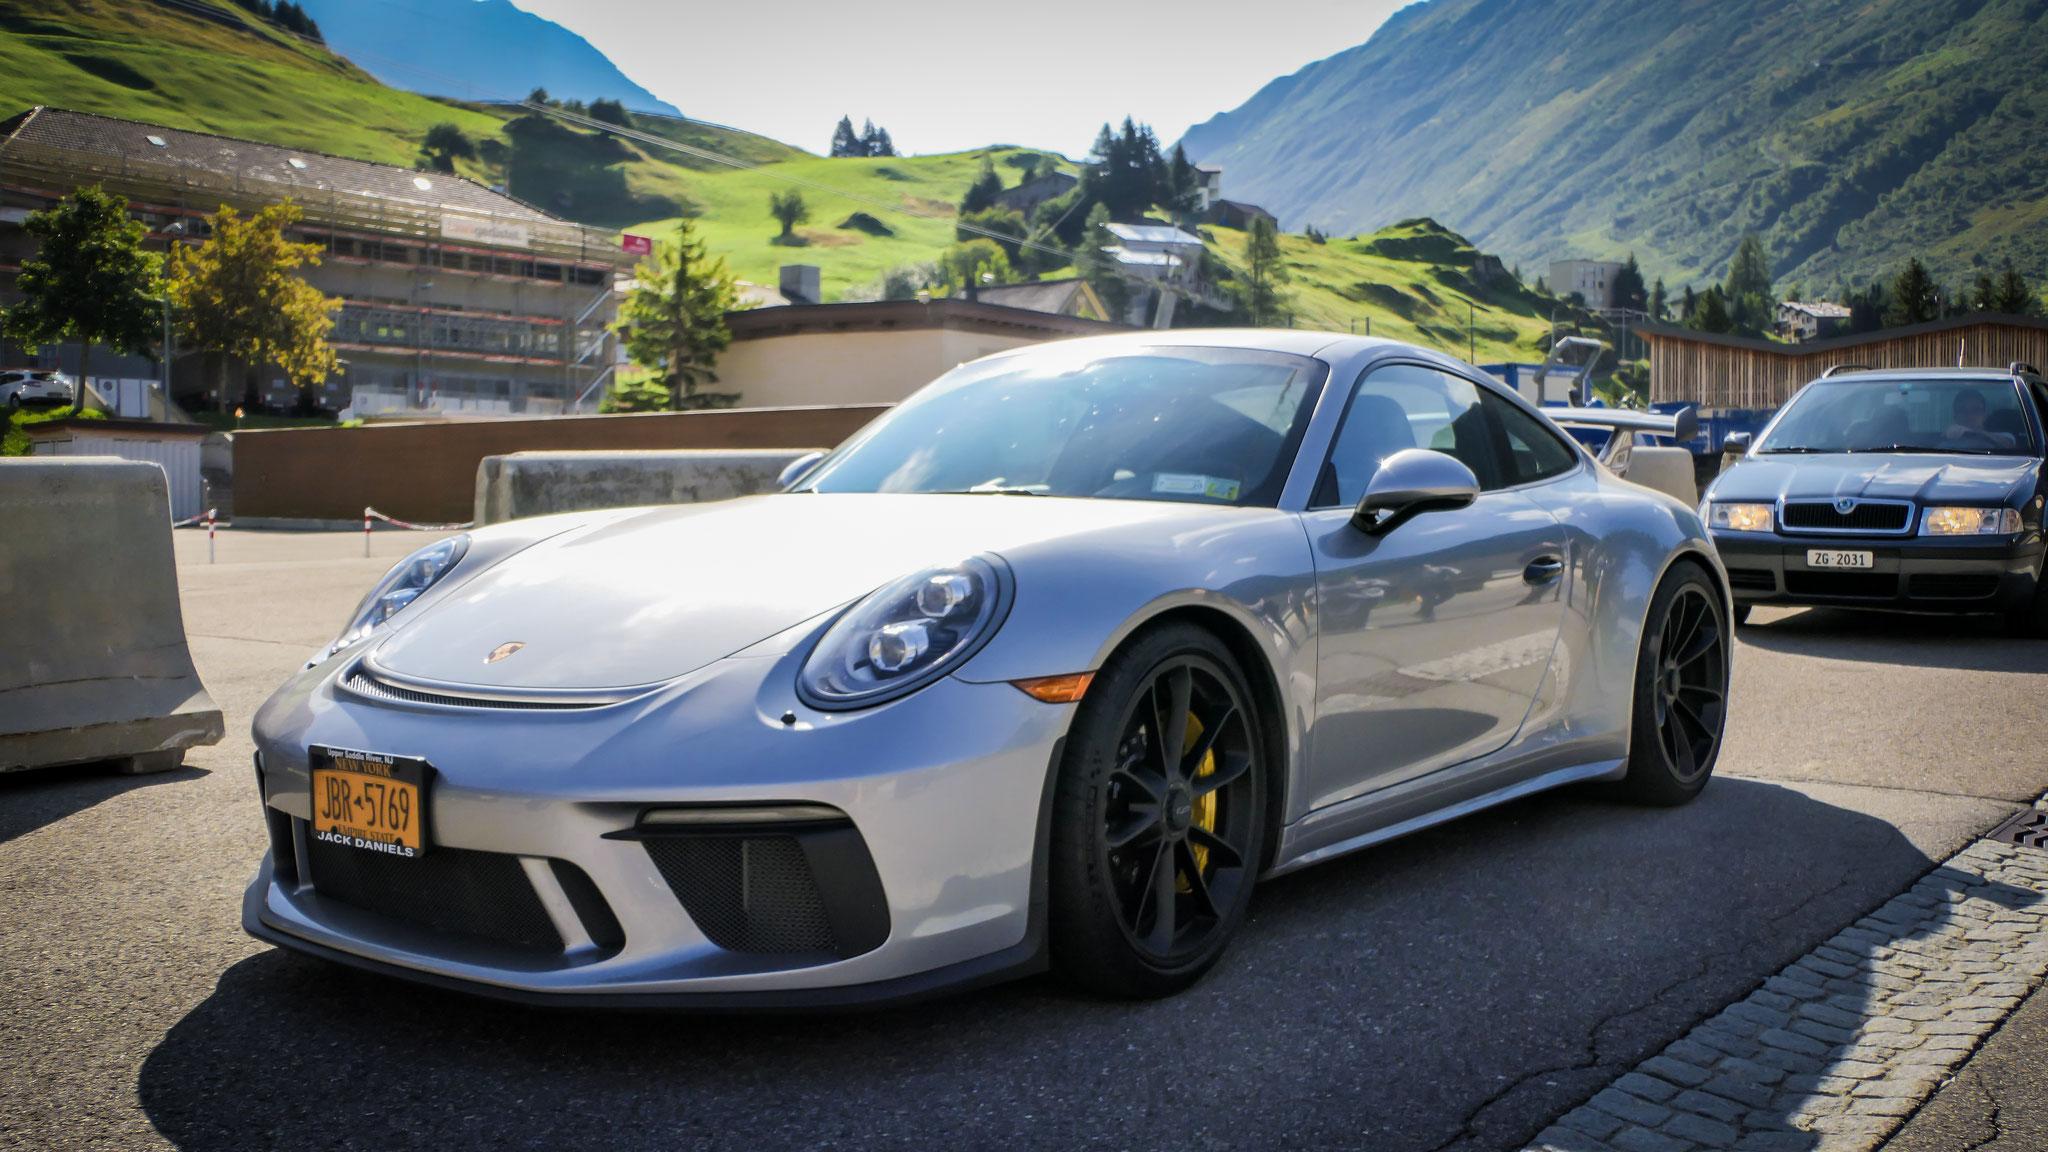 Porsche 991 GT3 - JBR-5769 (USA)